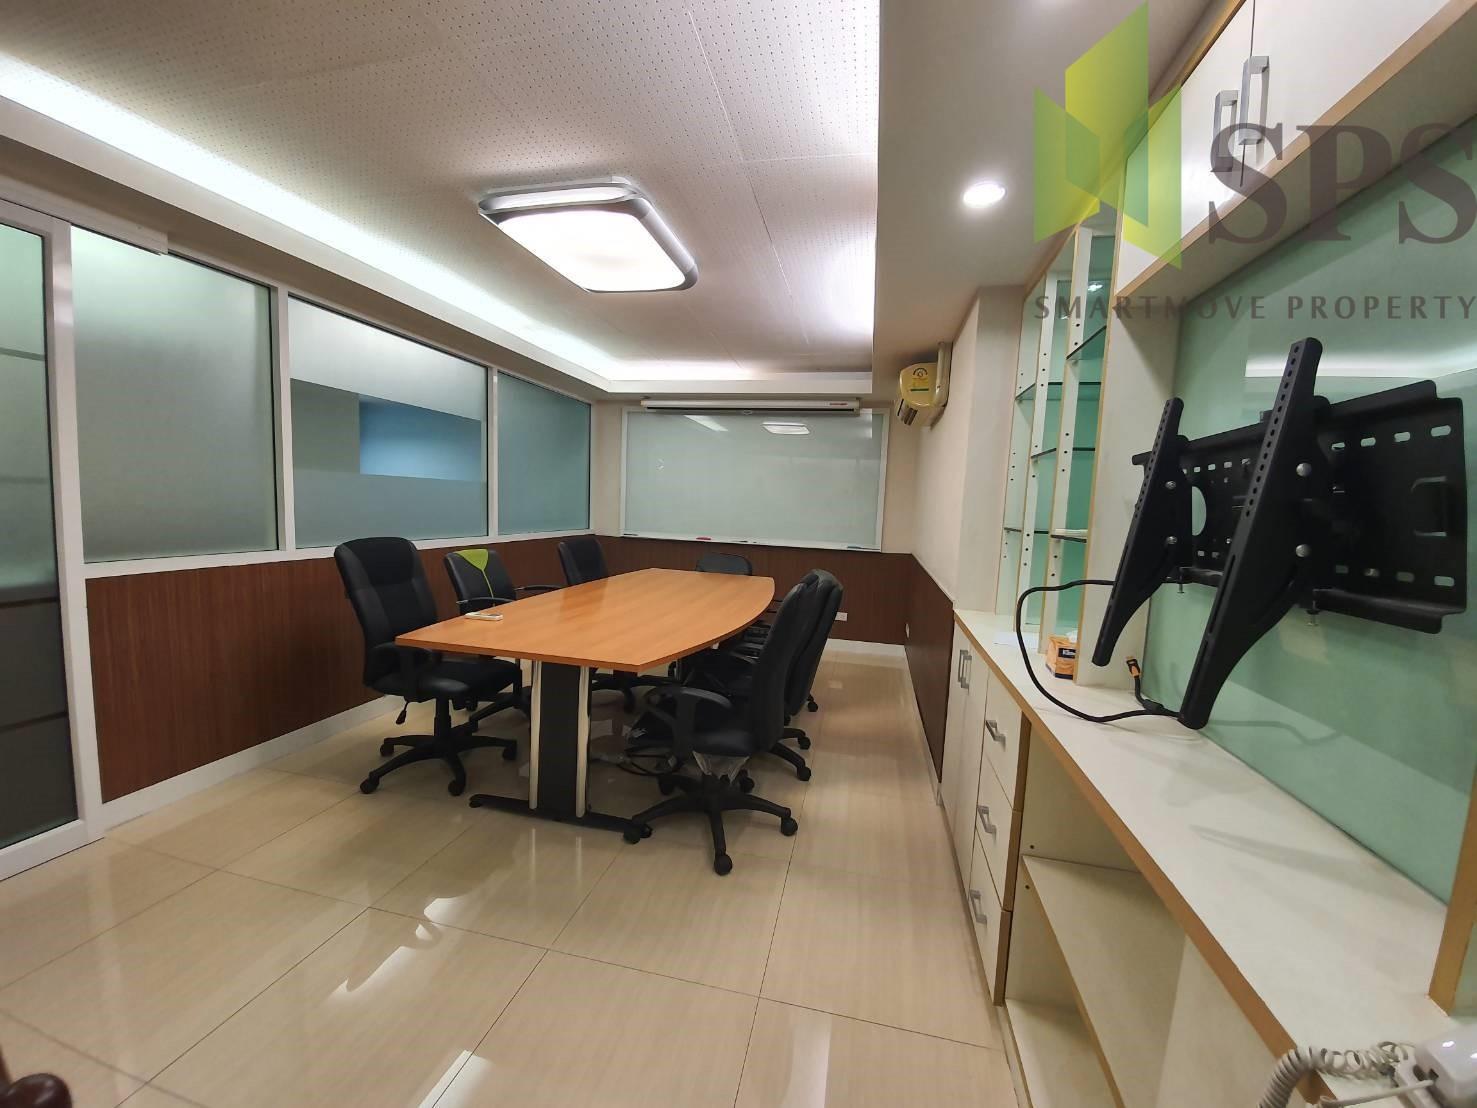 พื้นที่สำนักงานให้เช่าซอยปรีดีย์ 14 พระโขนง ขนาดพื้นที่ 212 ตารางเมตร( SPSPE331)